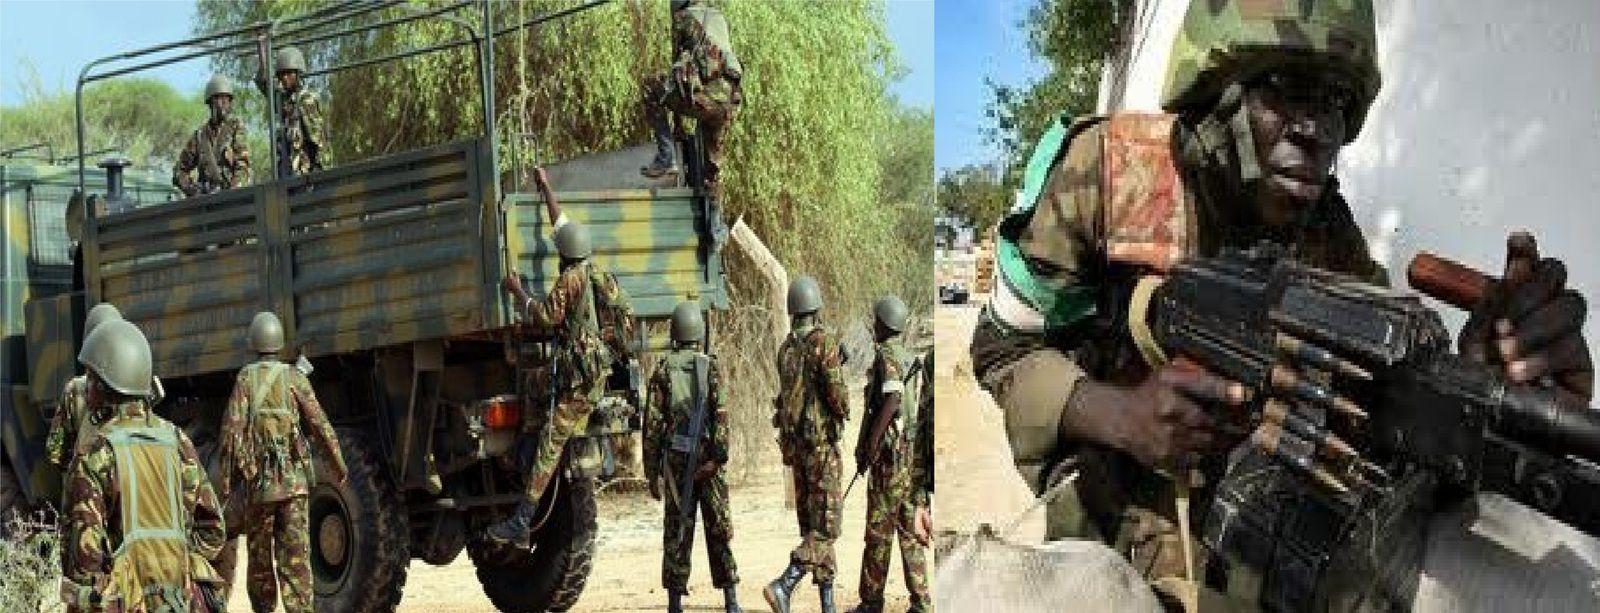 RCA : La milice d'Idriss Deby décriée par la population et démystifiée par les forces burundaises